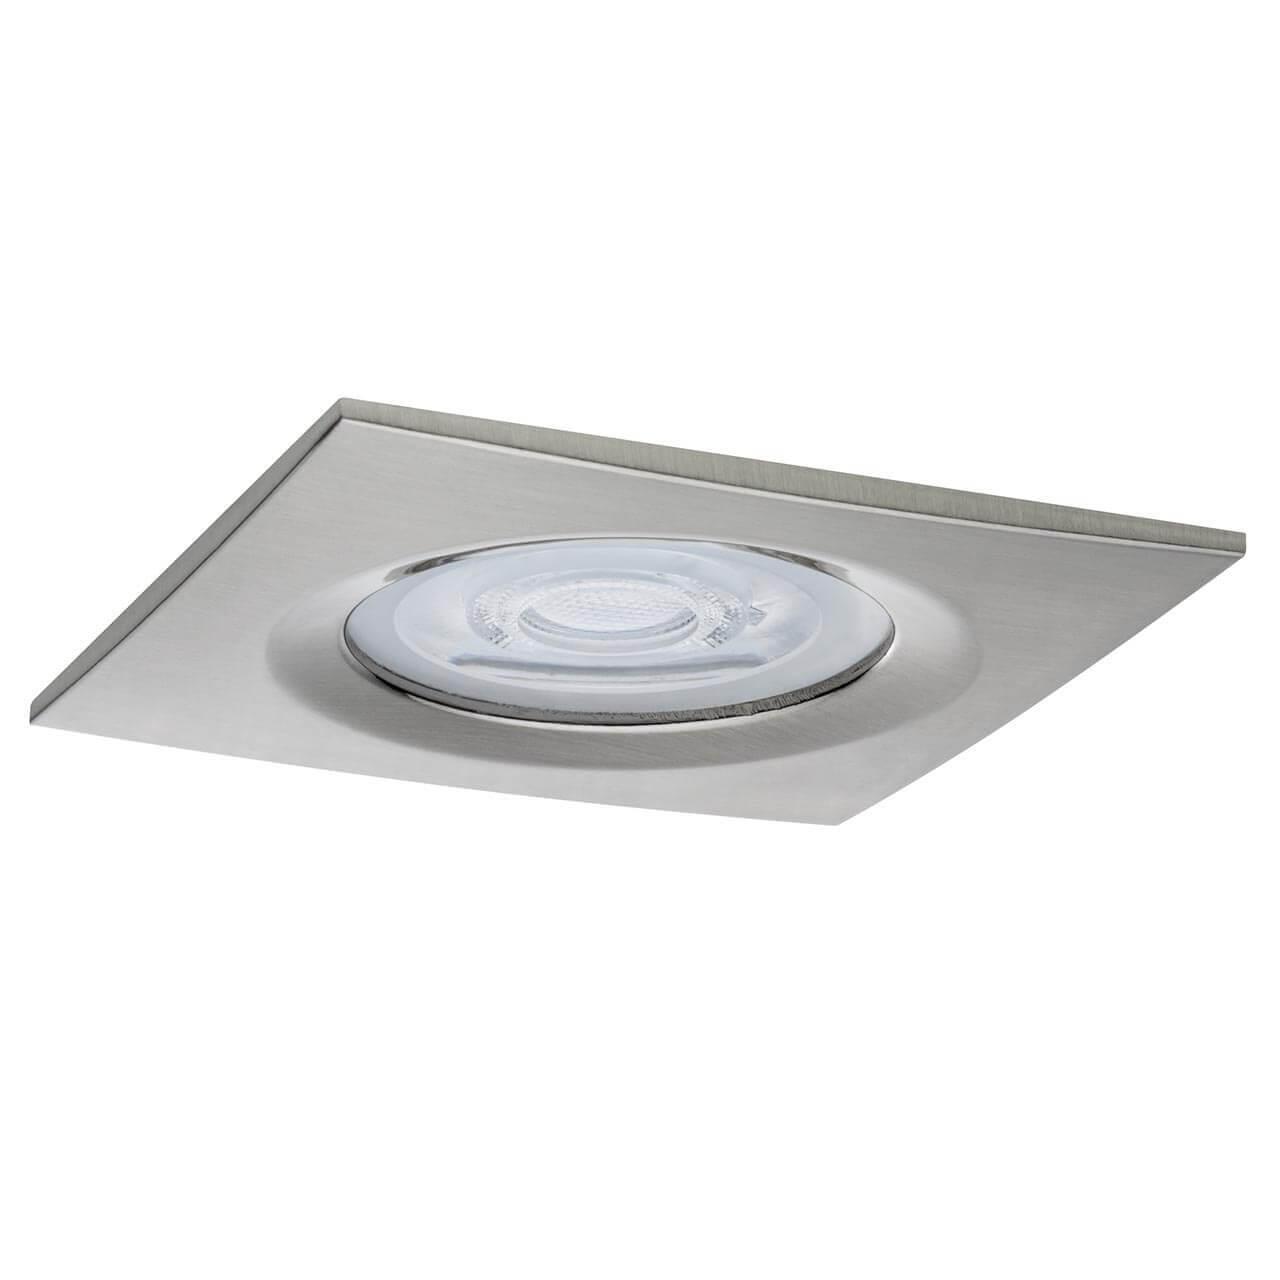 Встраиваемый светодиодный светильник Paulmann Nova 93615